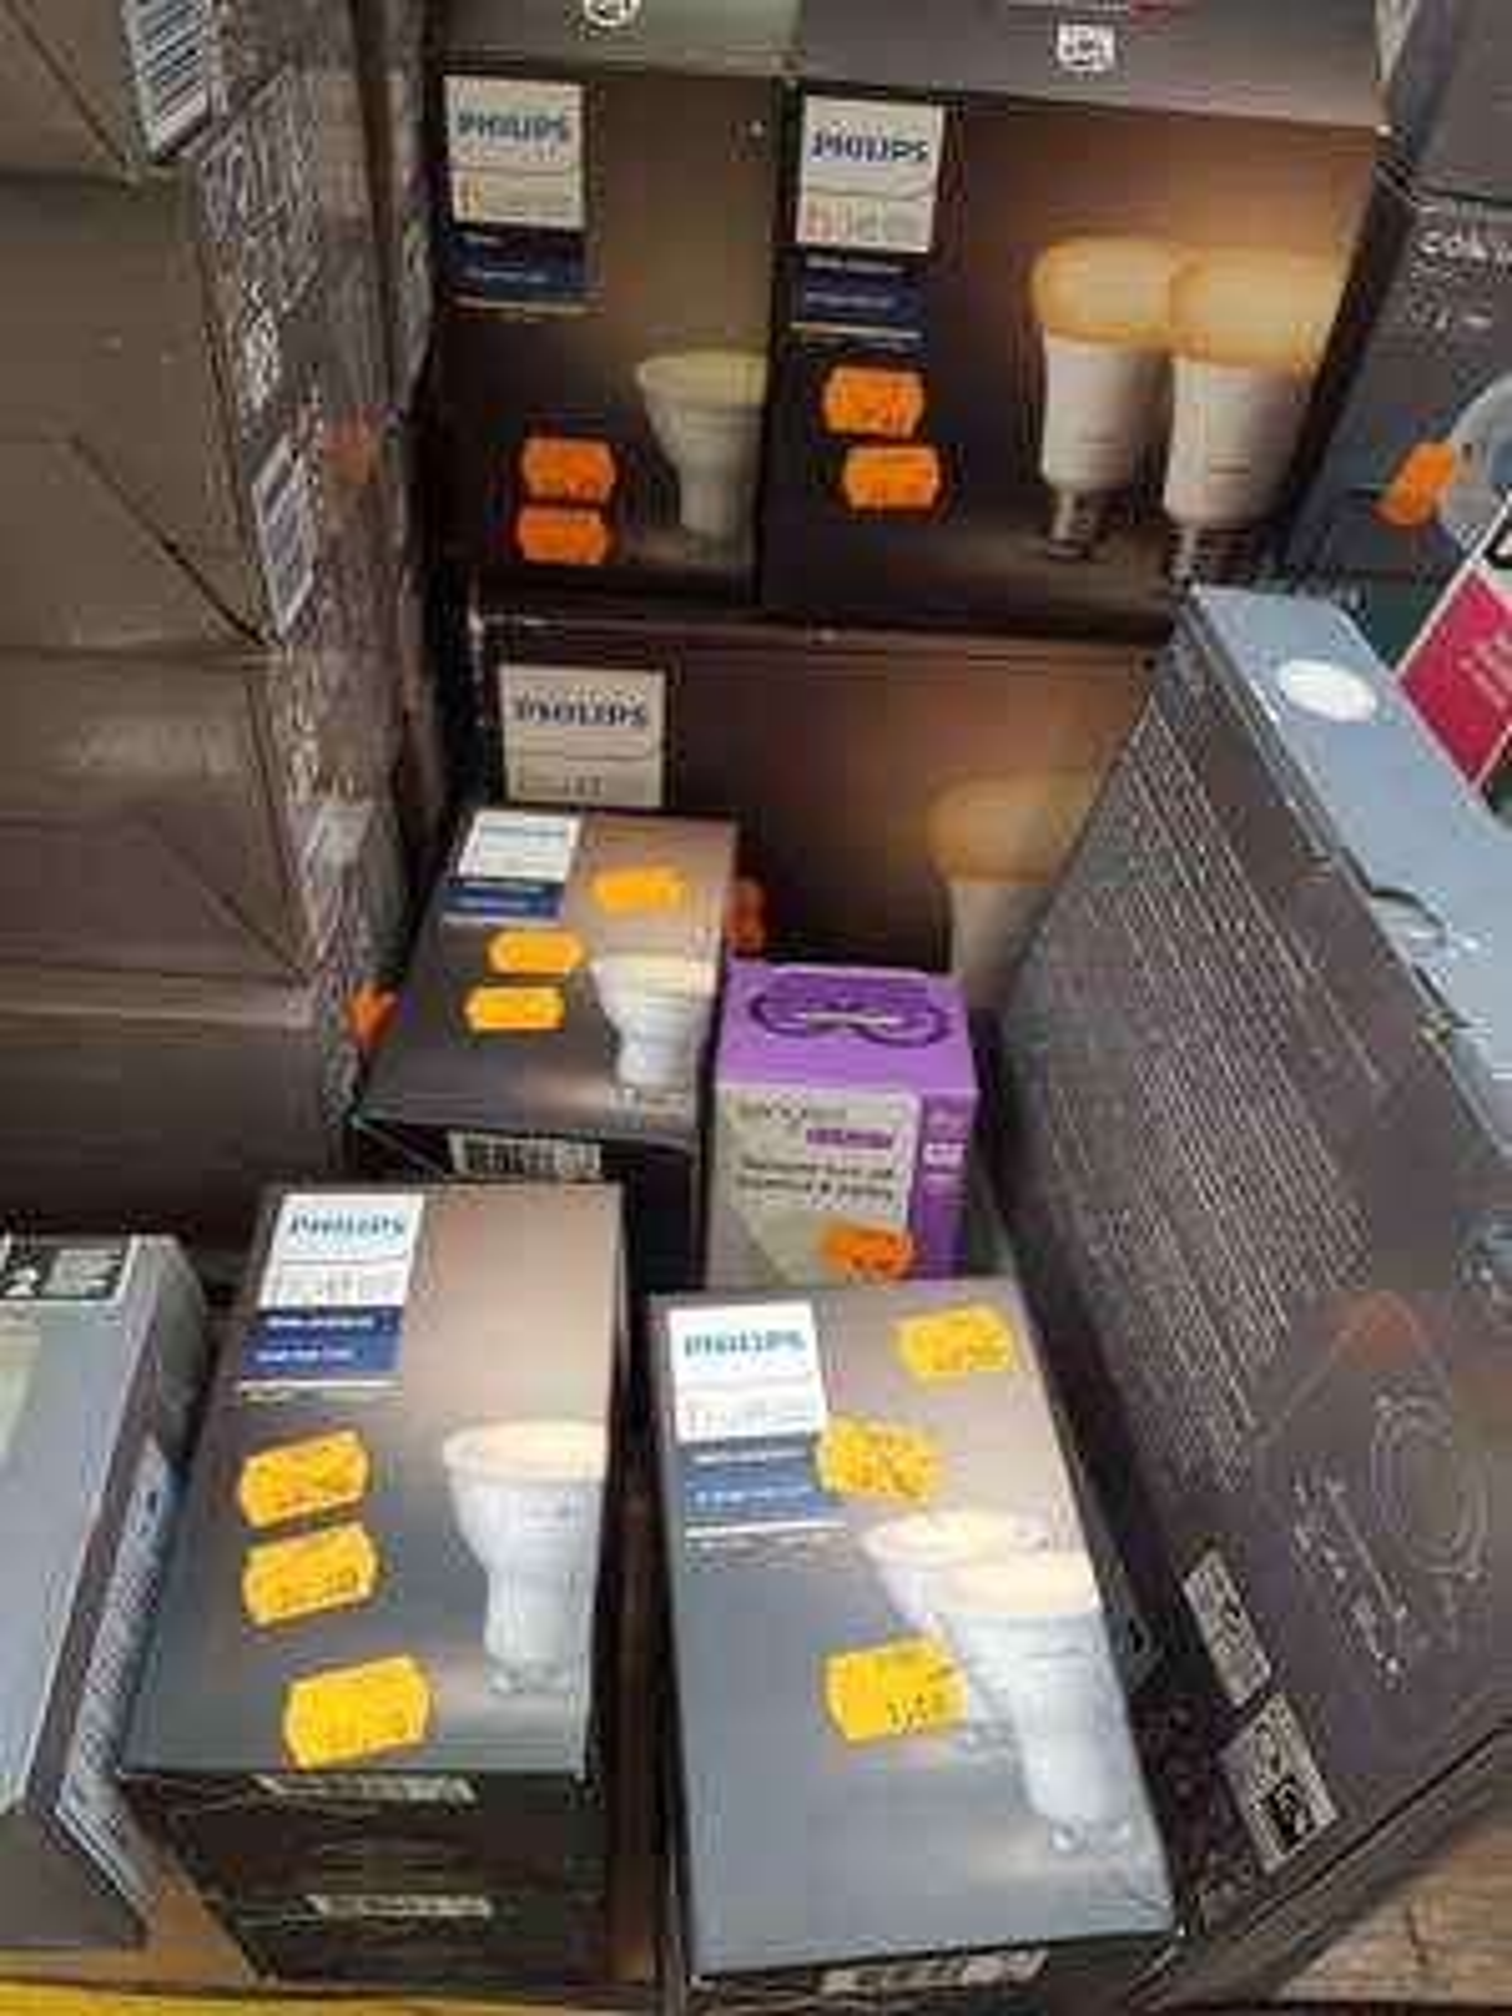 Sélection d'articles Philips Hue en promotion - Ex : ampoules LED GU10 Single Bulb White Ambiance - Jouy-aux-Arches (57)